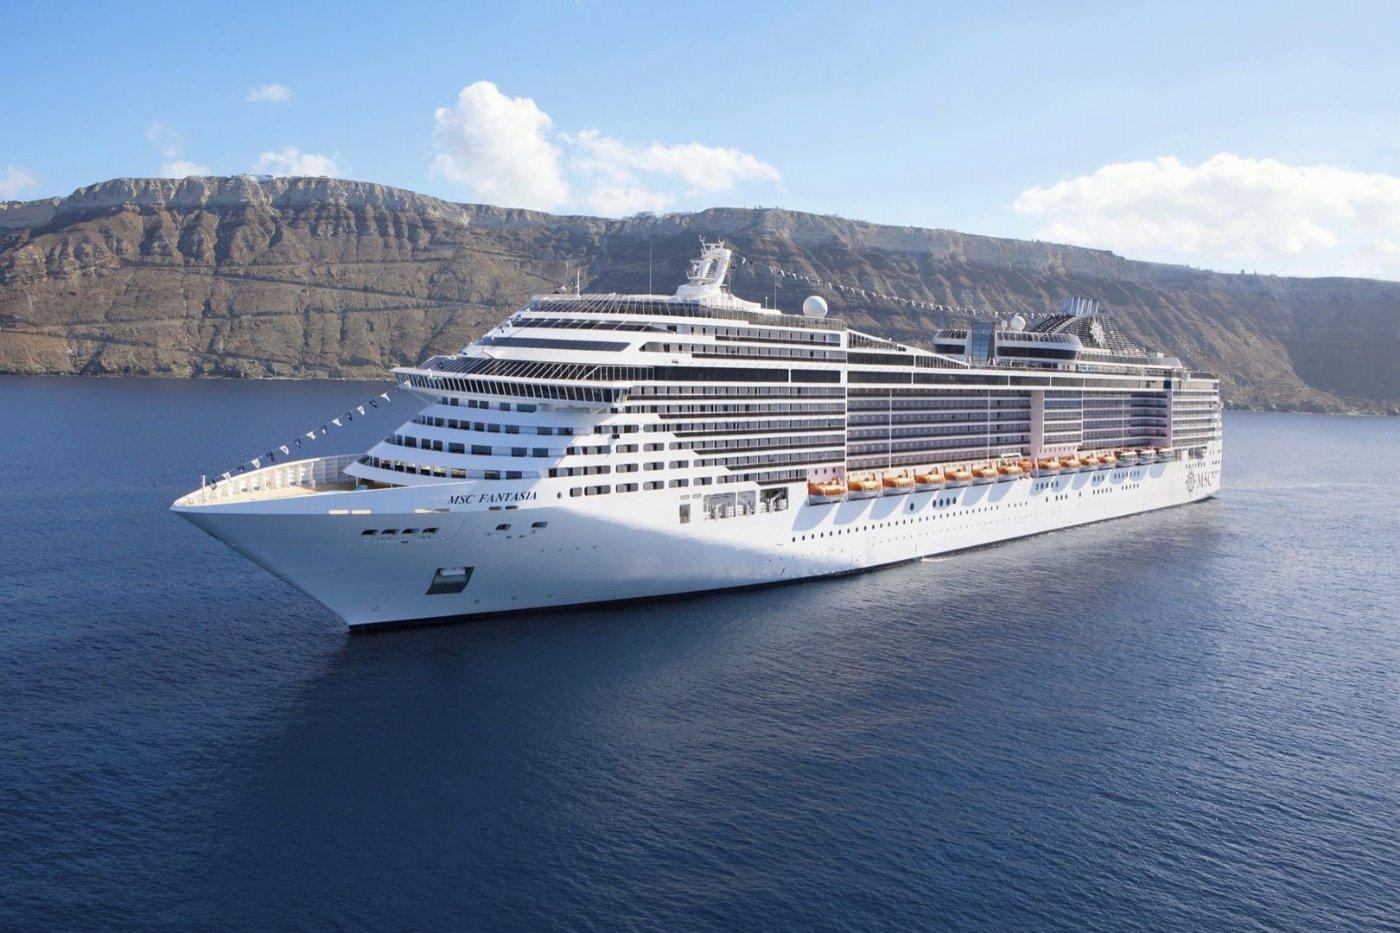 Kuşadası`ndan Msc Fantasia ile Ege ve Adriyatik Gemi Turu Resim Büyüt